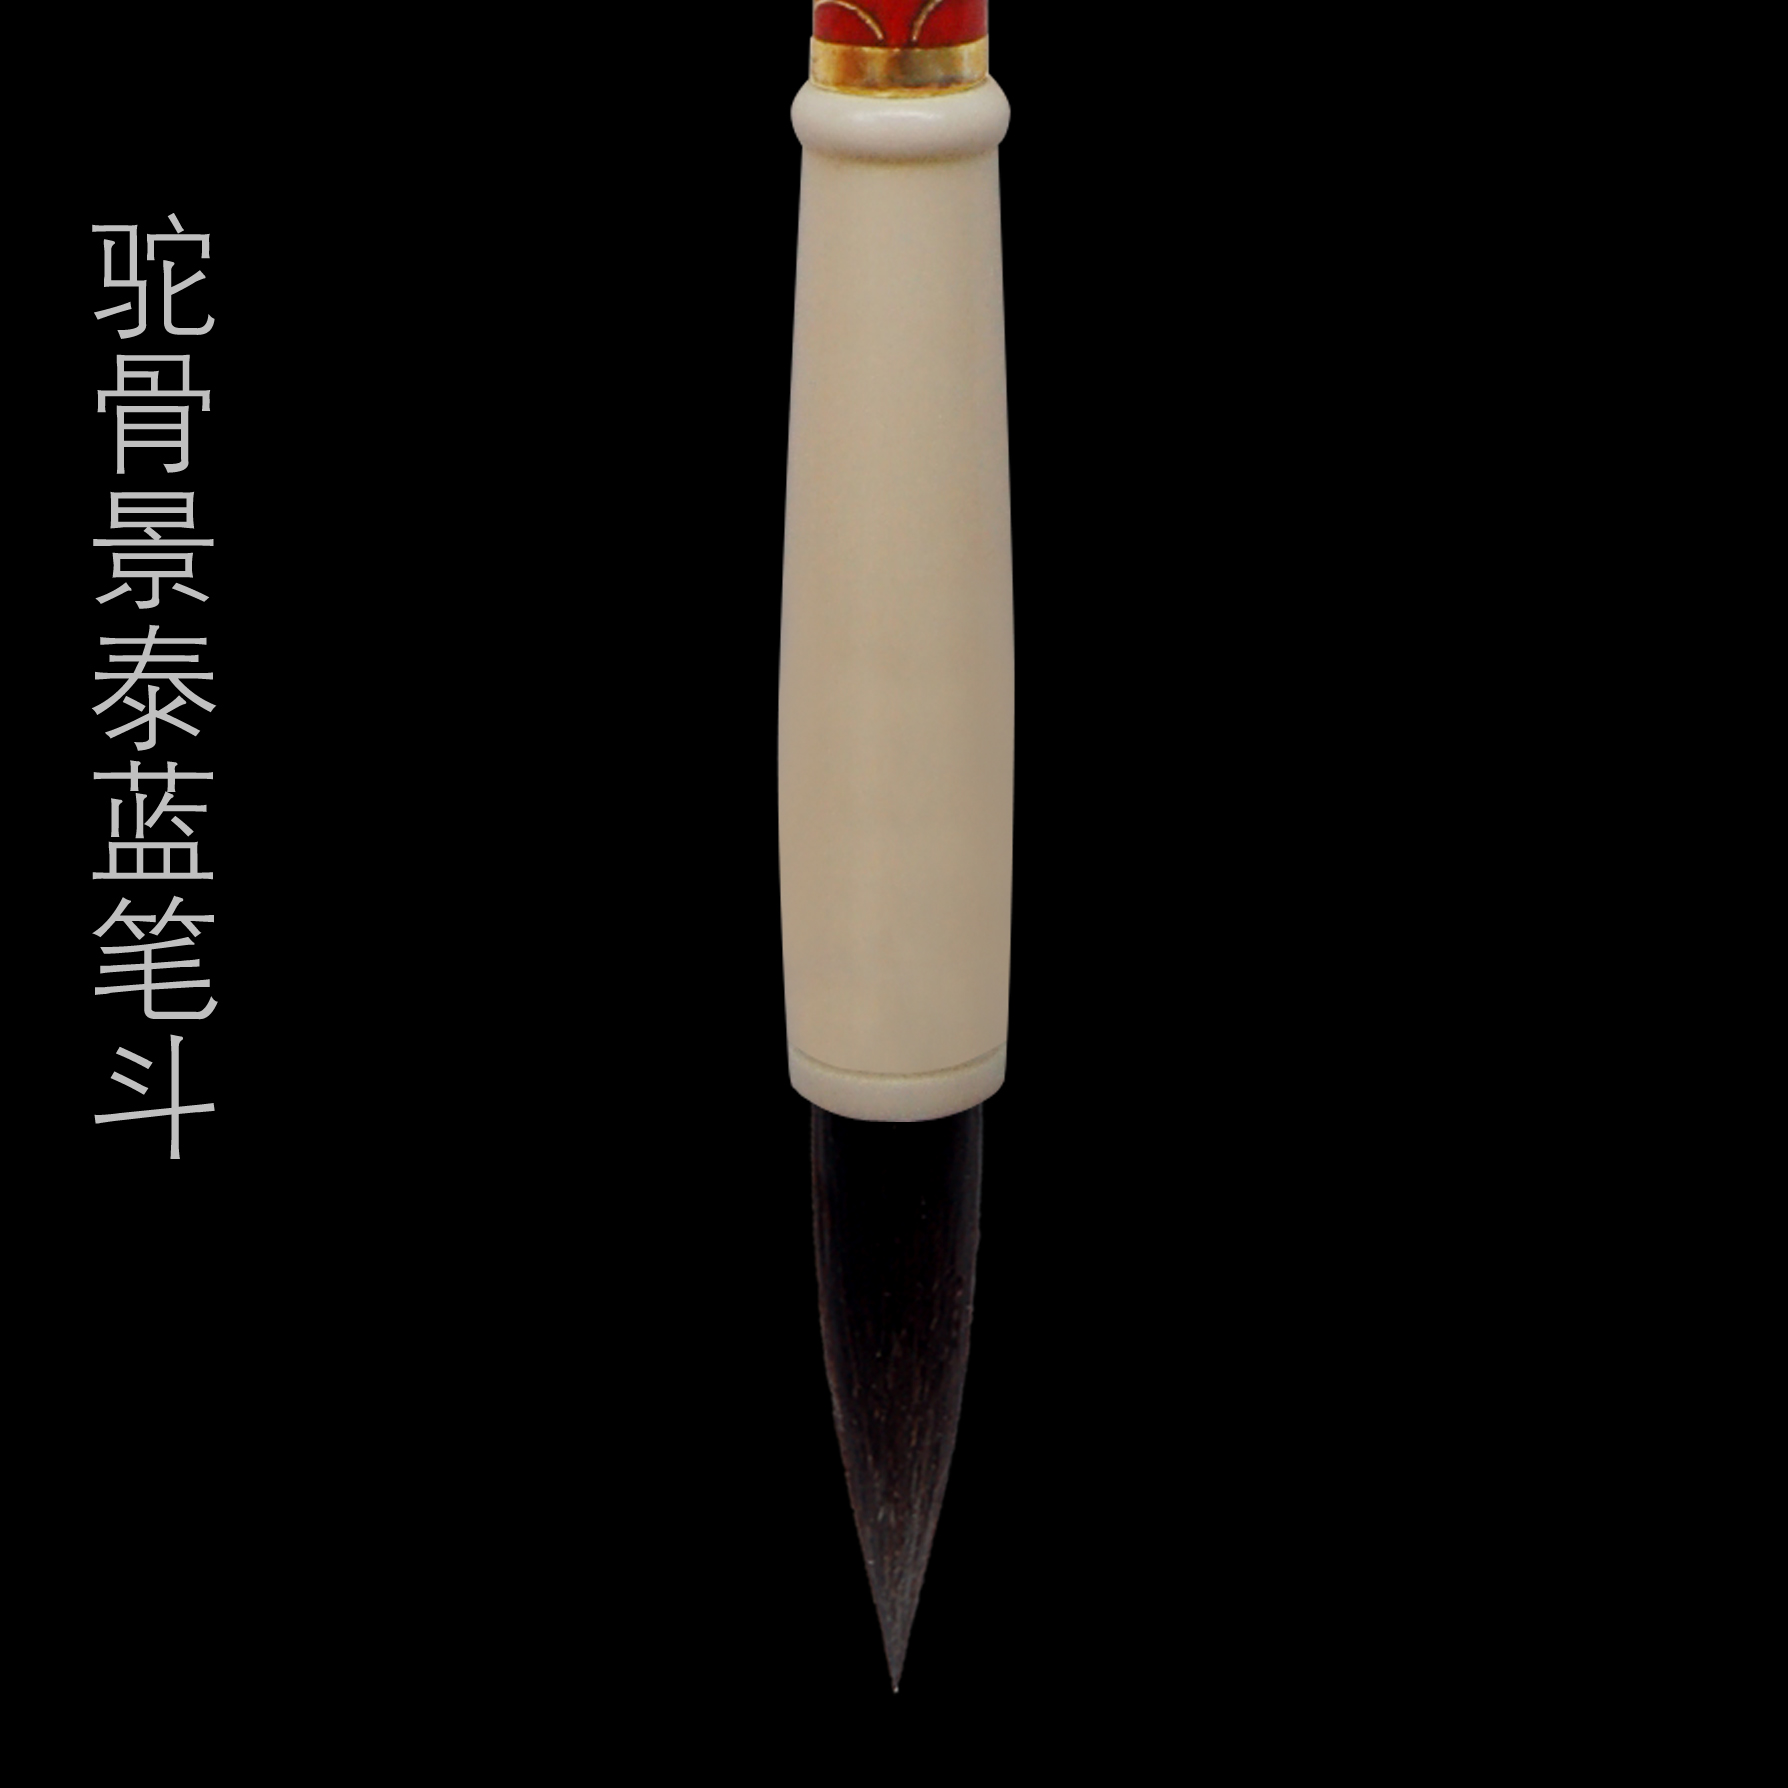 大福爱婴景泰蓝驼骨雕凤胎毛笔制作胎发笔定做头发纪念品顺丰包邮